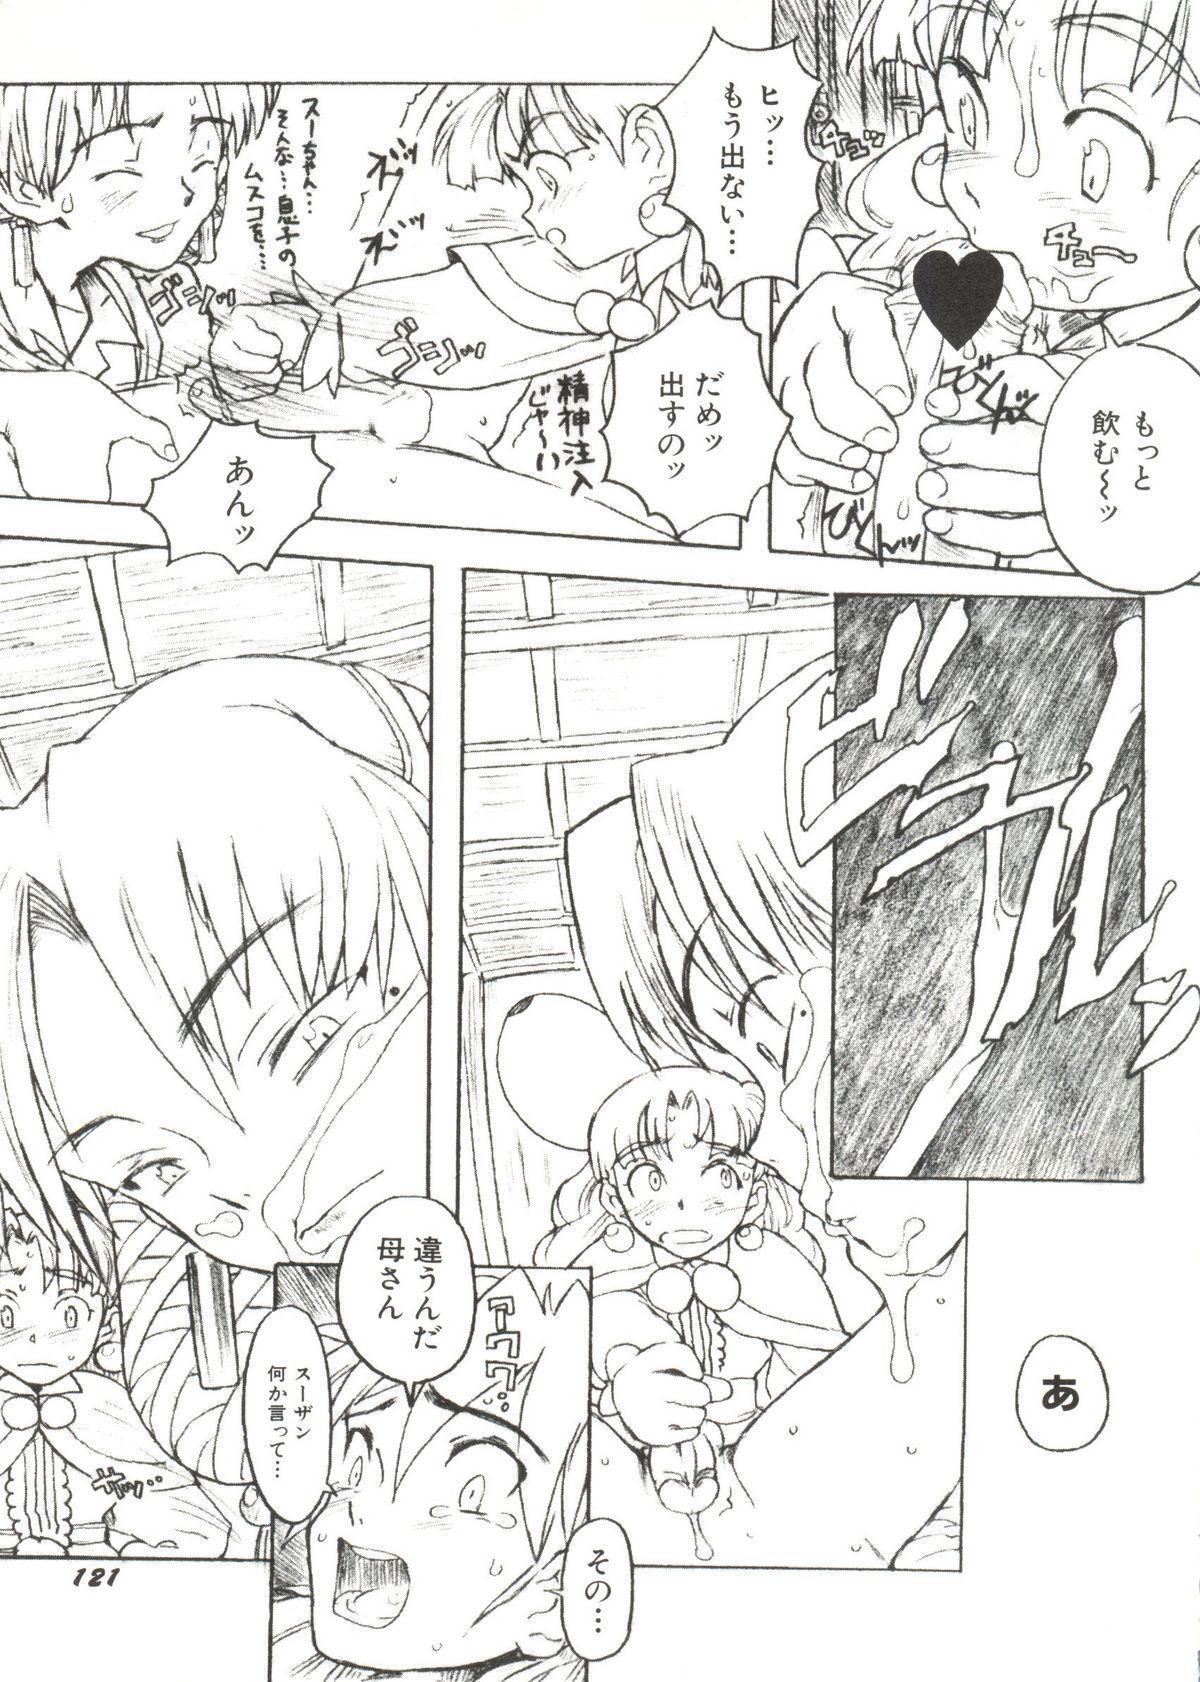 Denei Tamate Bako Bishoujo Doujinshi Anthology Vol. 2 - Nishinhou no Tenshi 120